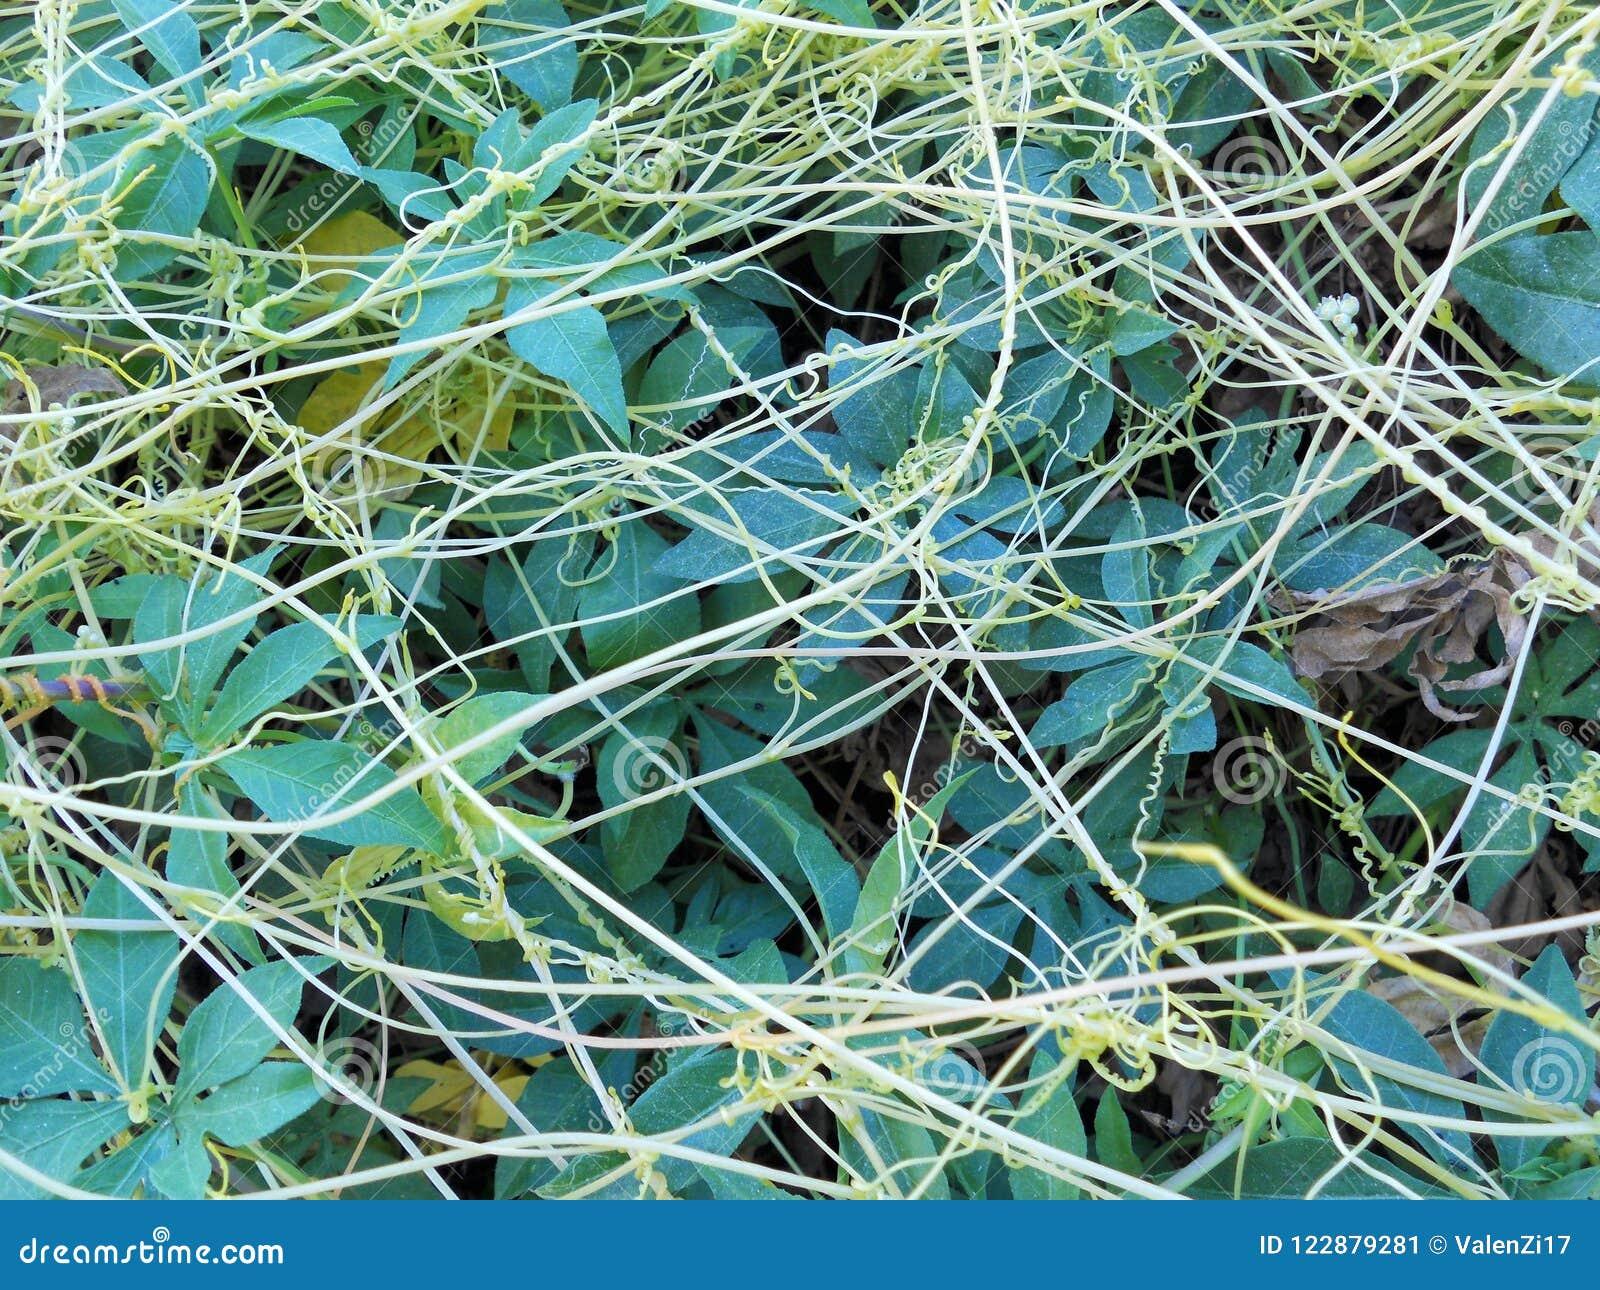 上升的卷须植物,掌状有裂片的叶子